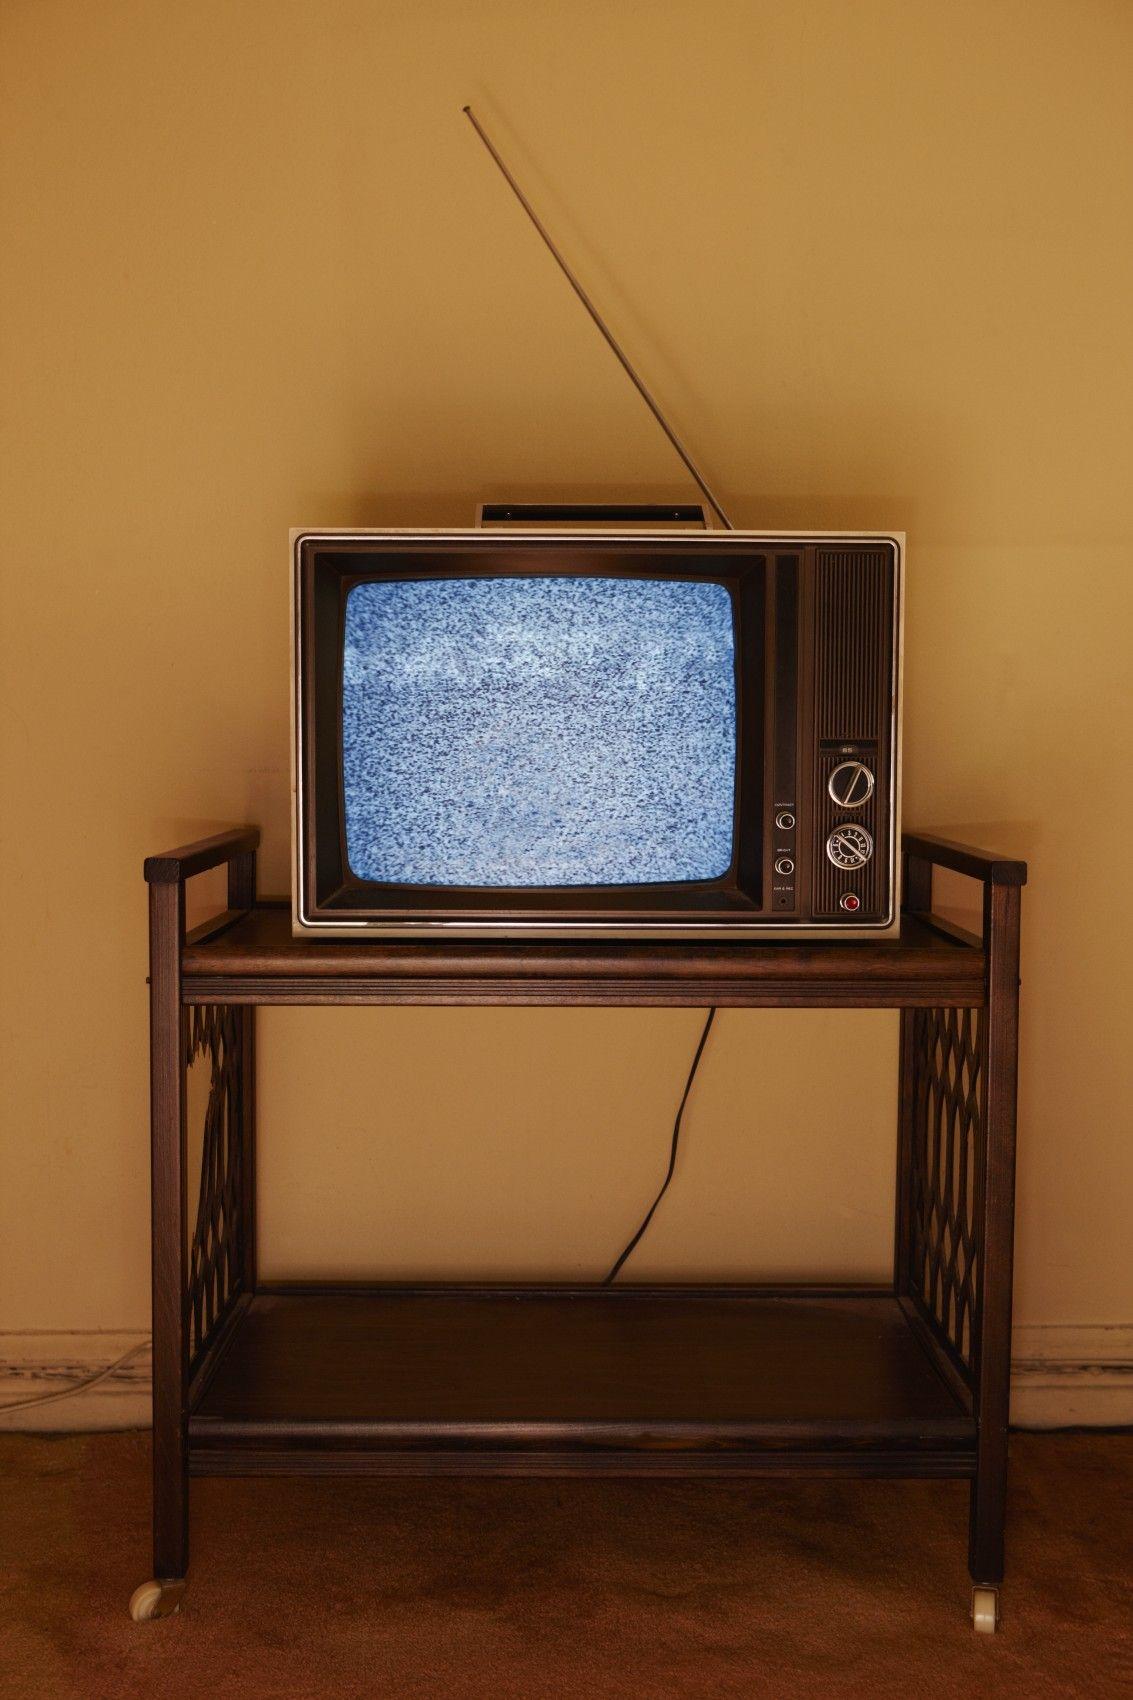 NICHT MEHR VERWENDEN! - TV Programm / Fernseher